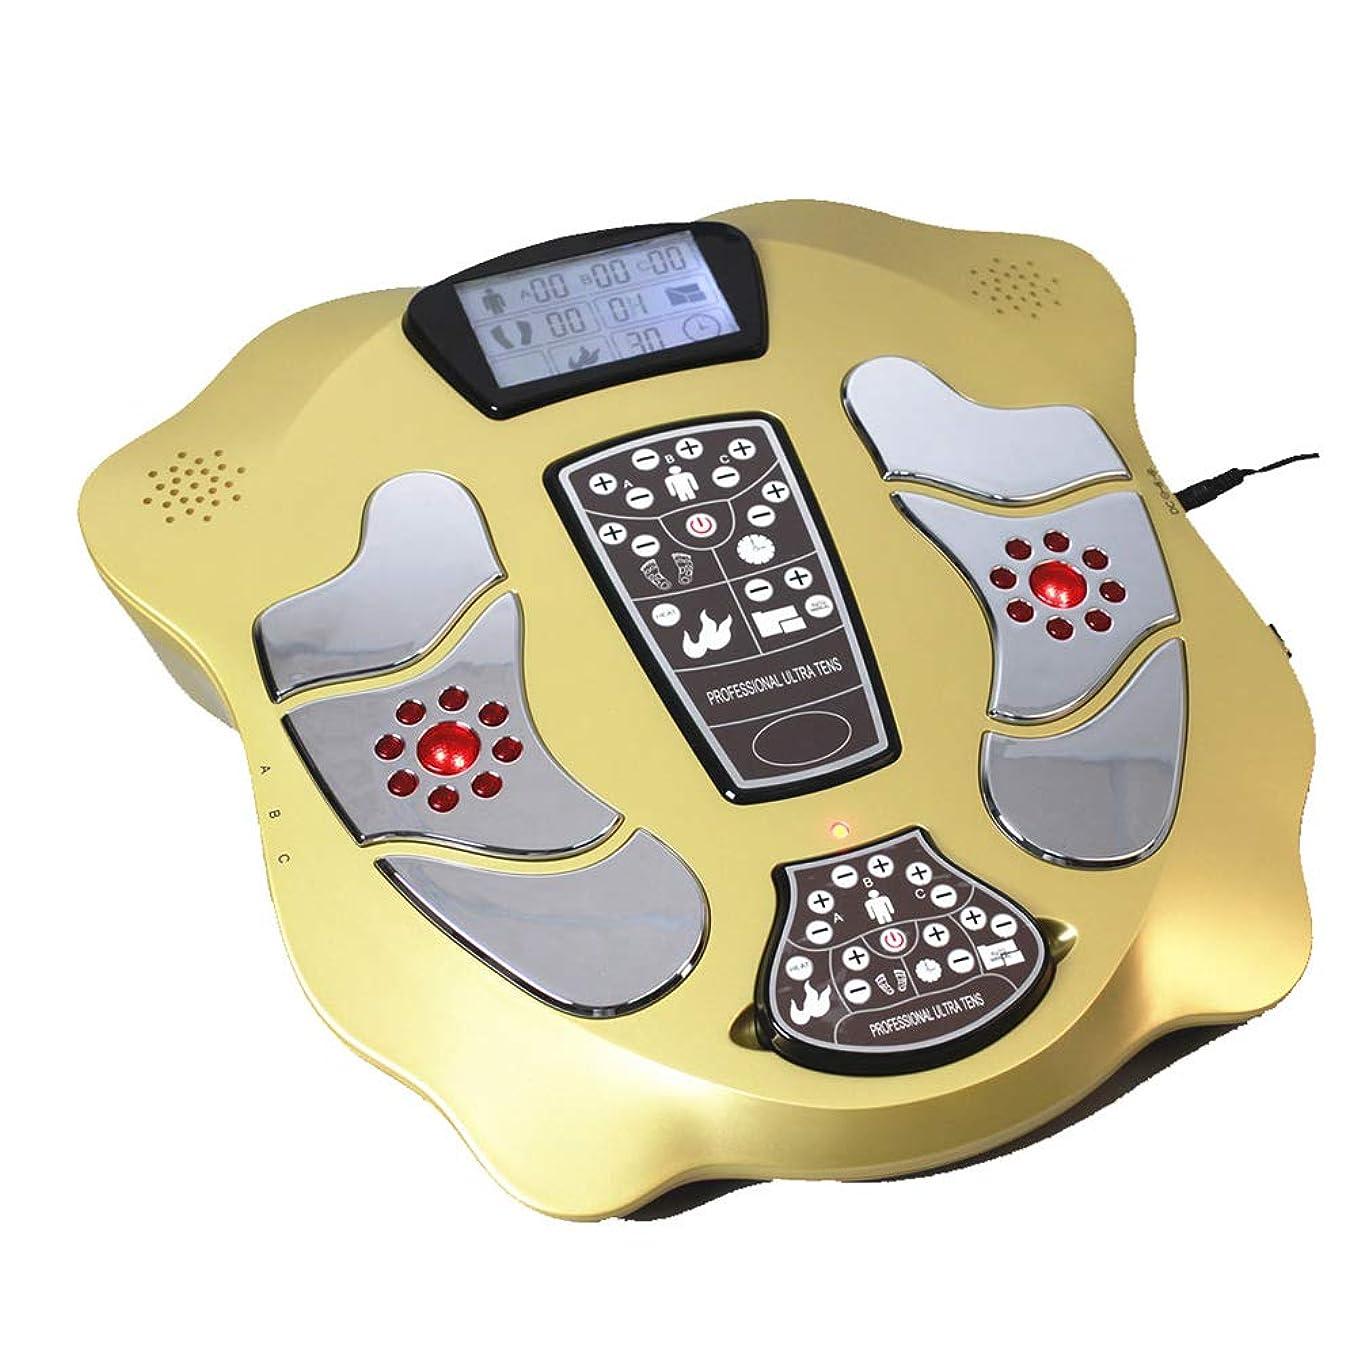 ブレンドかき混ぜるフライカイト大型LCDディスプレイと血液循環のための赤外線加熱と電気EMSフットマッサージパッドスリミングベルトの4ペア